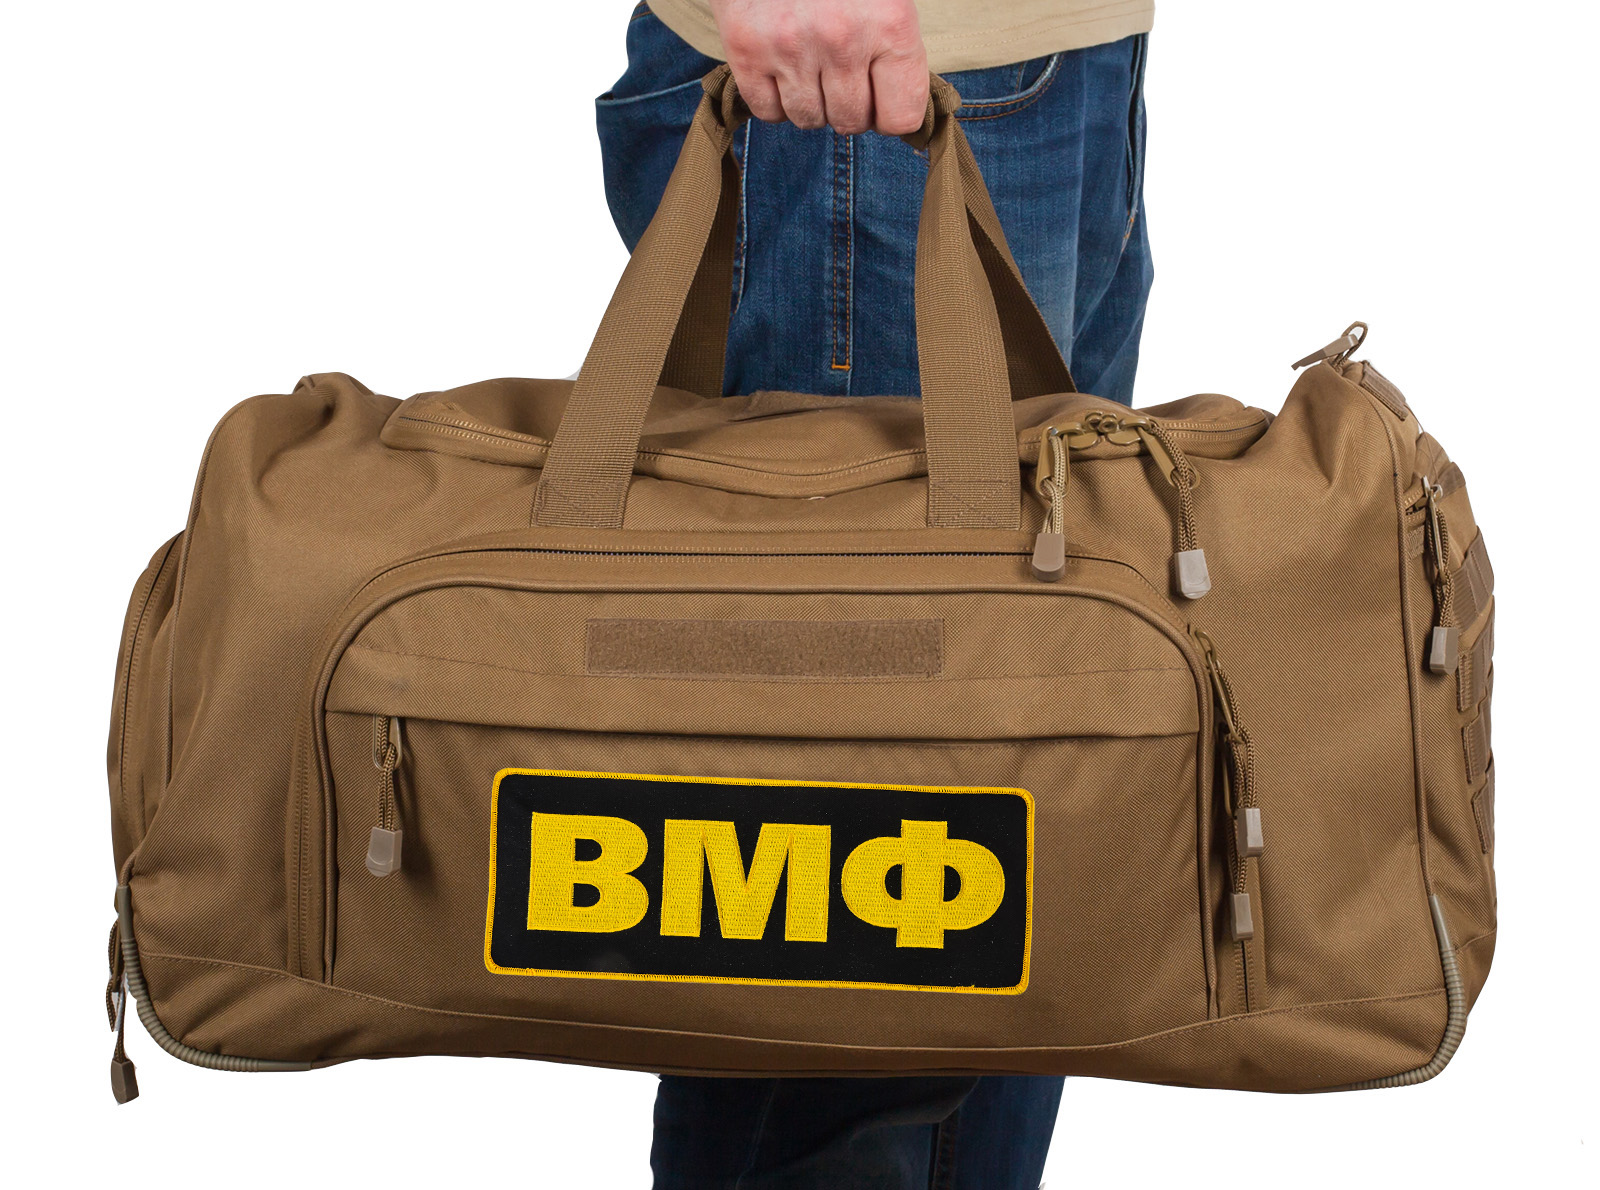 Купить вместительную дорожную сумку ВМФ 08032B Coyote оптом и в розницу